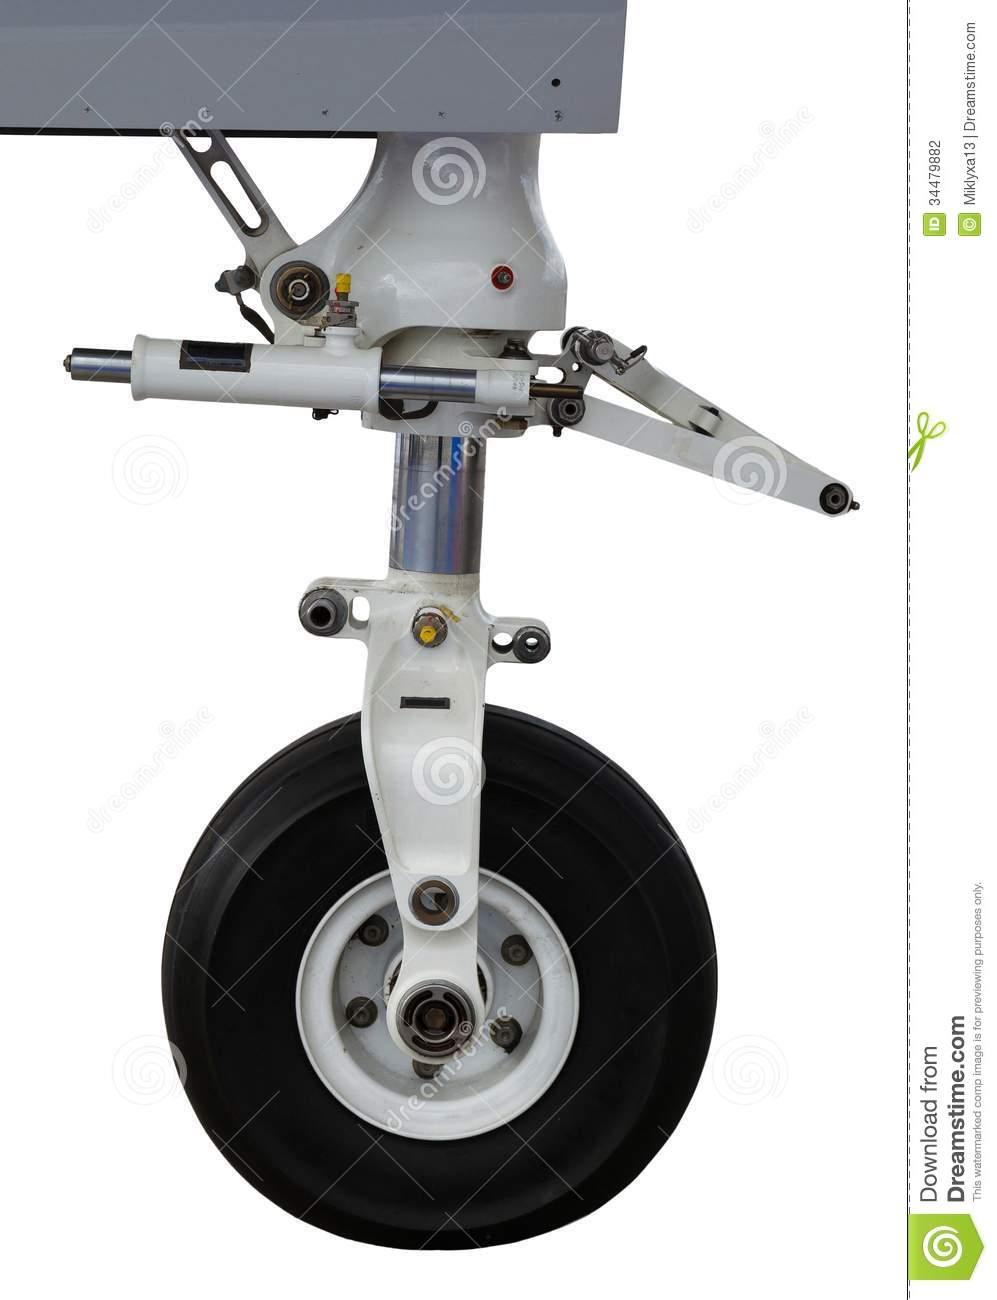 Landing Gear Clipart.